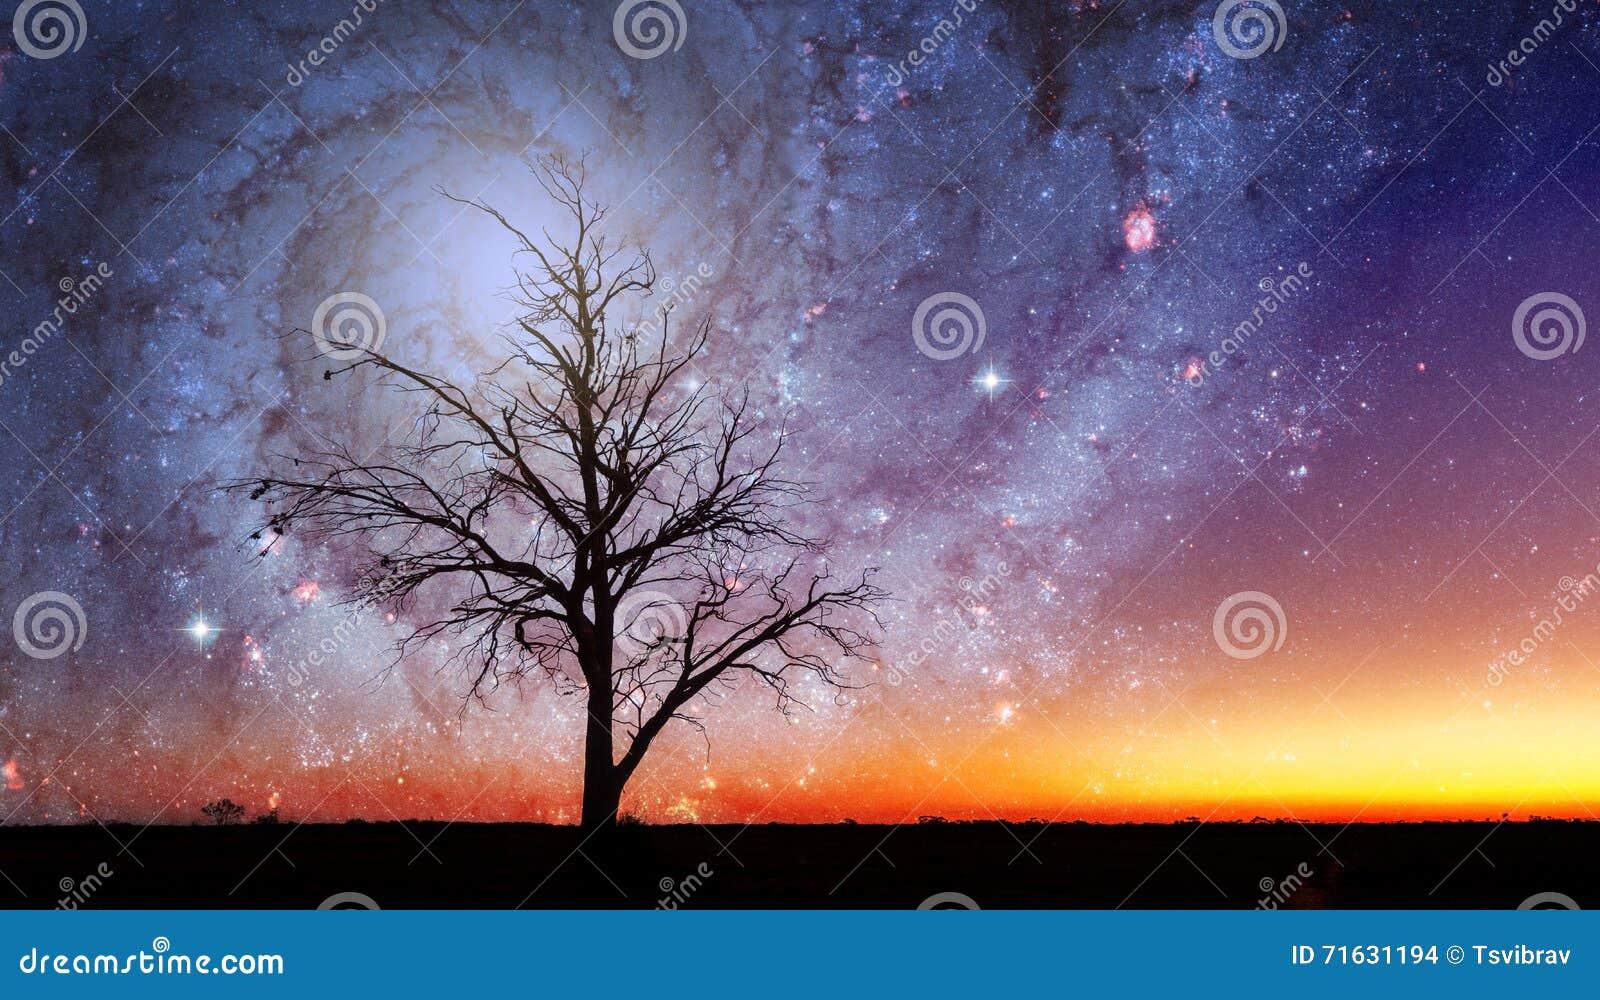 Paisaje extranjero de la fantasía con vórtice solitario del árbol y de la galaxia